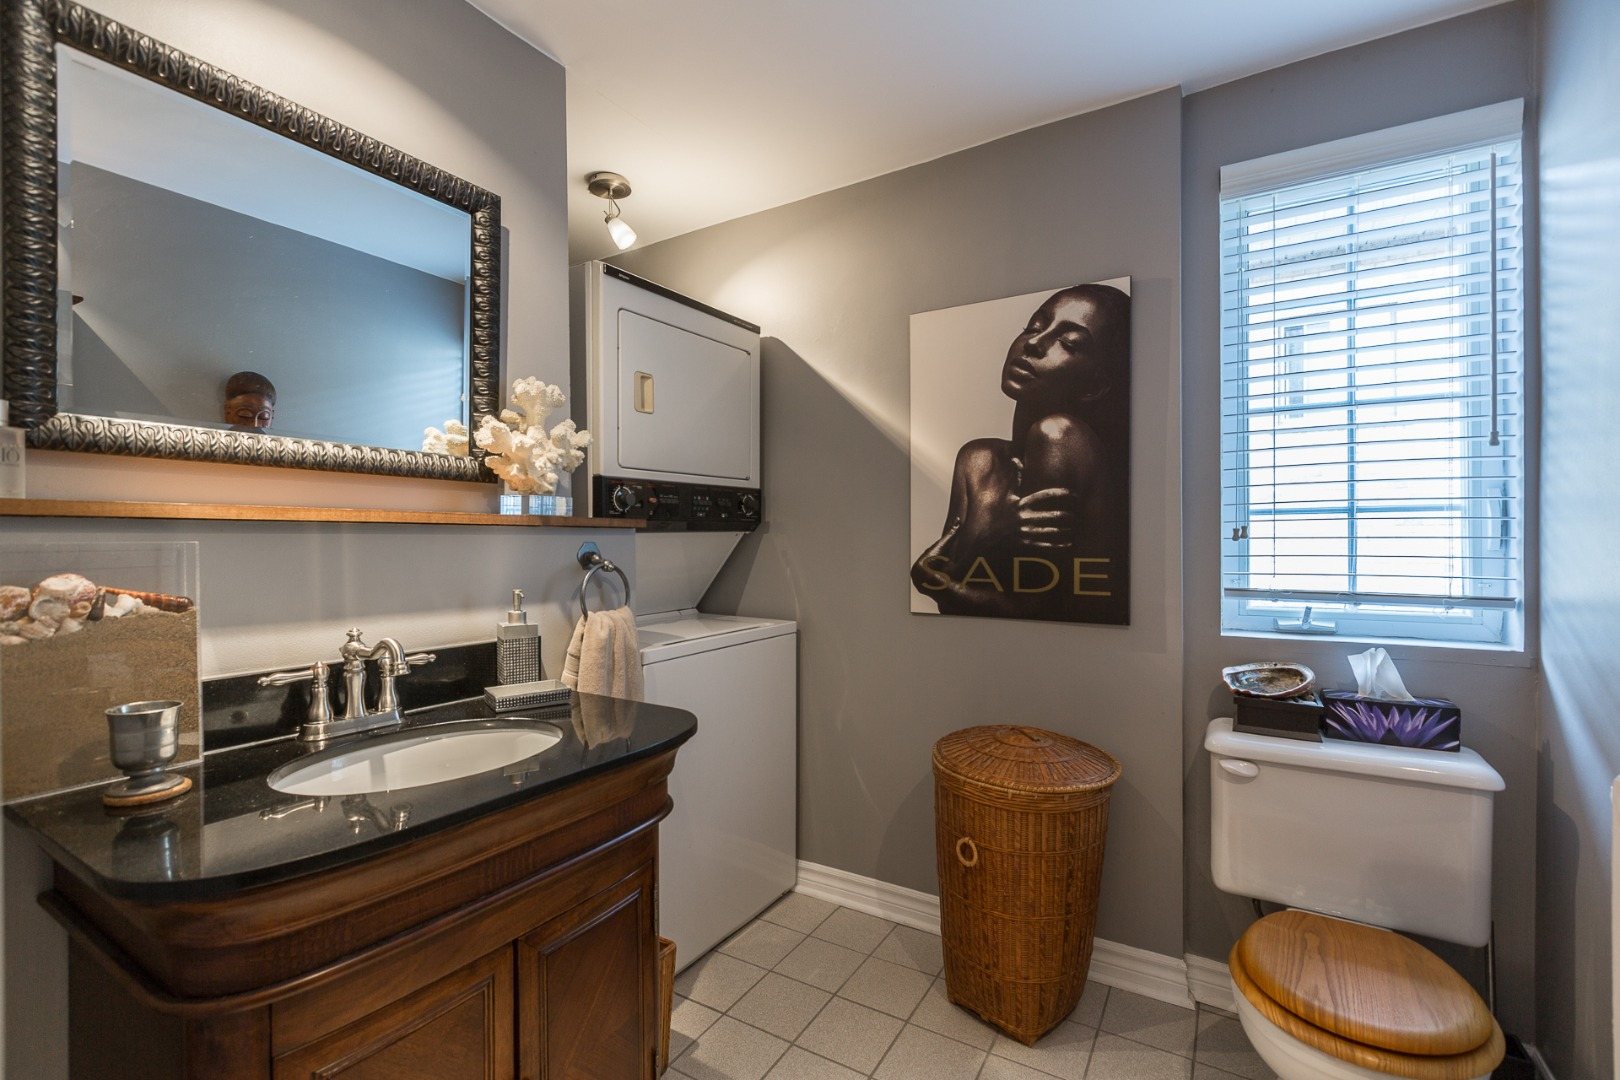 Duplex à vendre Montréal Ahuntsic-Cartierville-Nouveau Bordeaux - Salle de bain